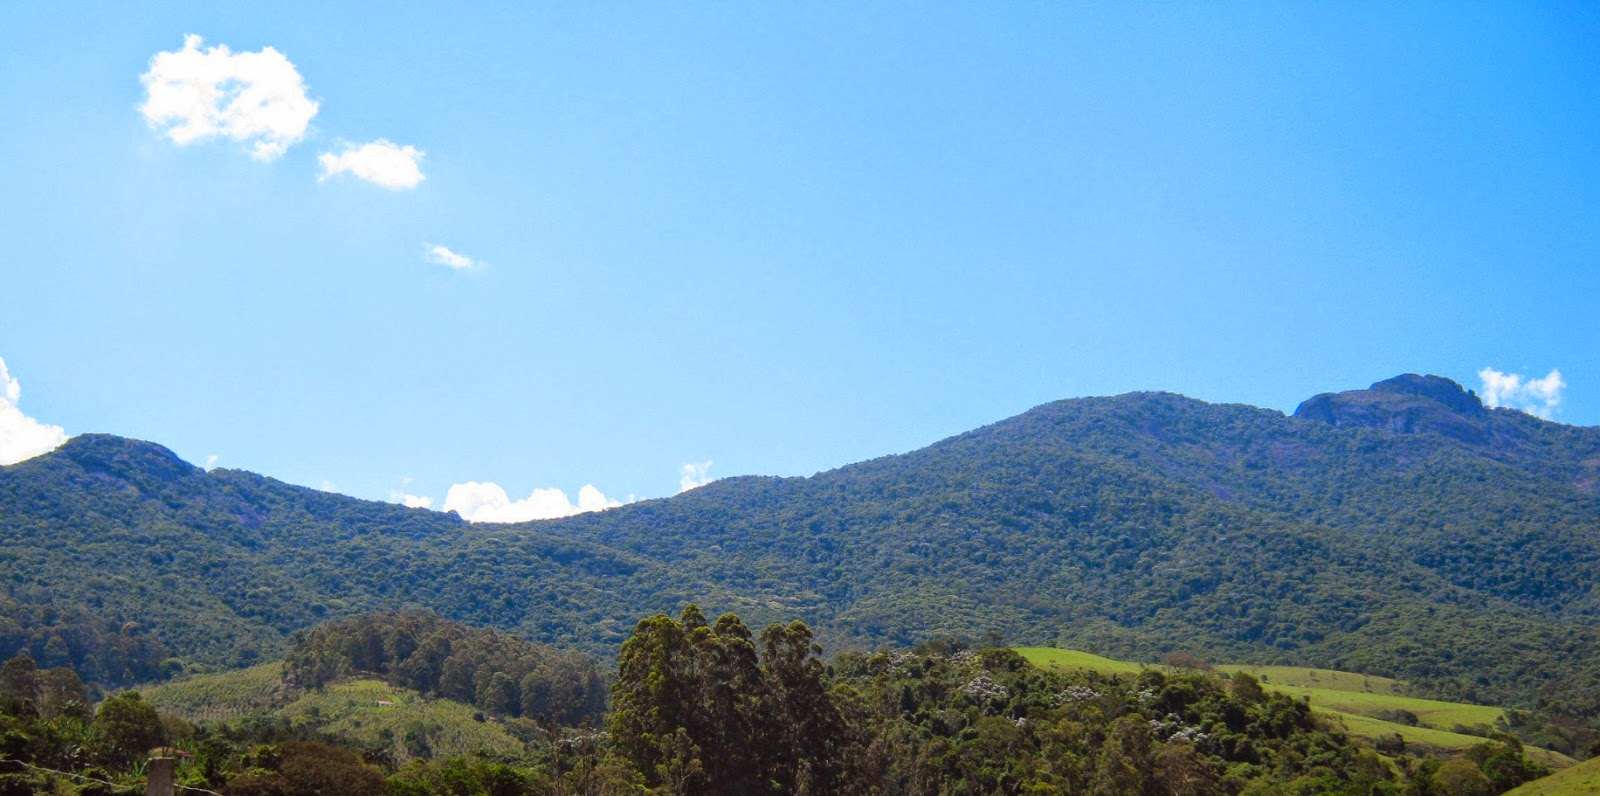 Joanópolis, na Serra da Mantiqueira paulista, tem ligação por asfalto com apenas dois municípios: Vargem e Piracaia. Quando as duas estradas se juntam perto da entrada da cidade, é possível observar o Gigante Adormecido na Serra do Lopo, olhando para as Minas Gerais.